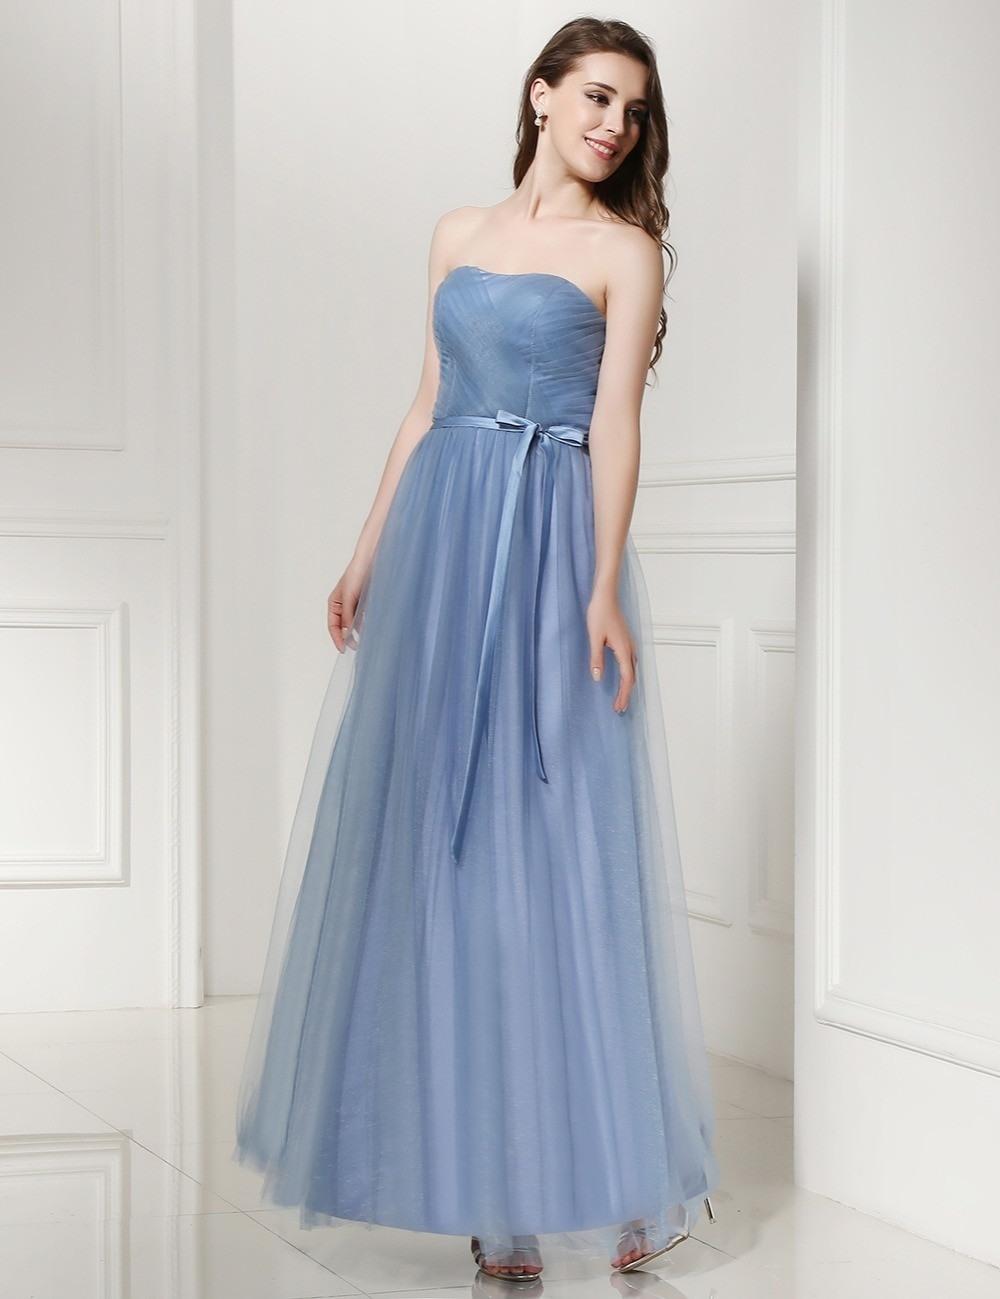 20 Schön Kleider Für Hochzeitsgäste Blau Vertrieb15 Genial Kleider Für Hochzeitsgäste Blau Galerie